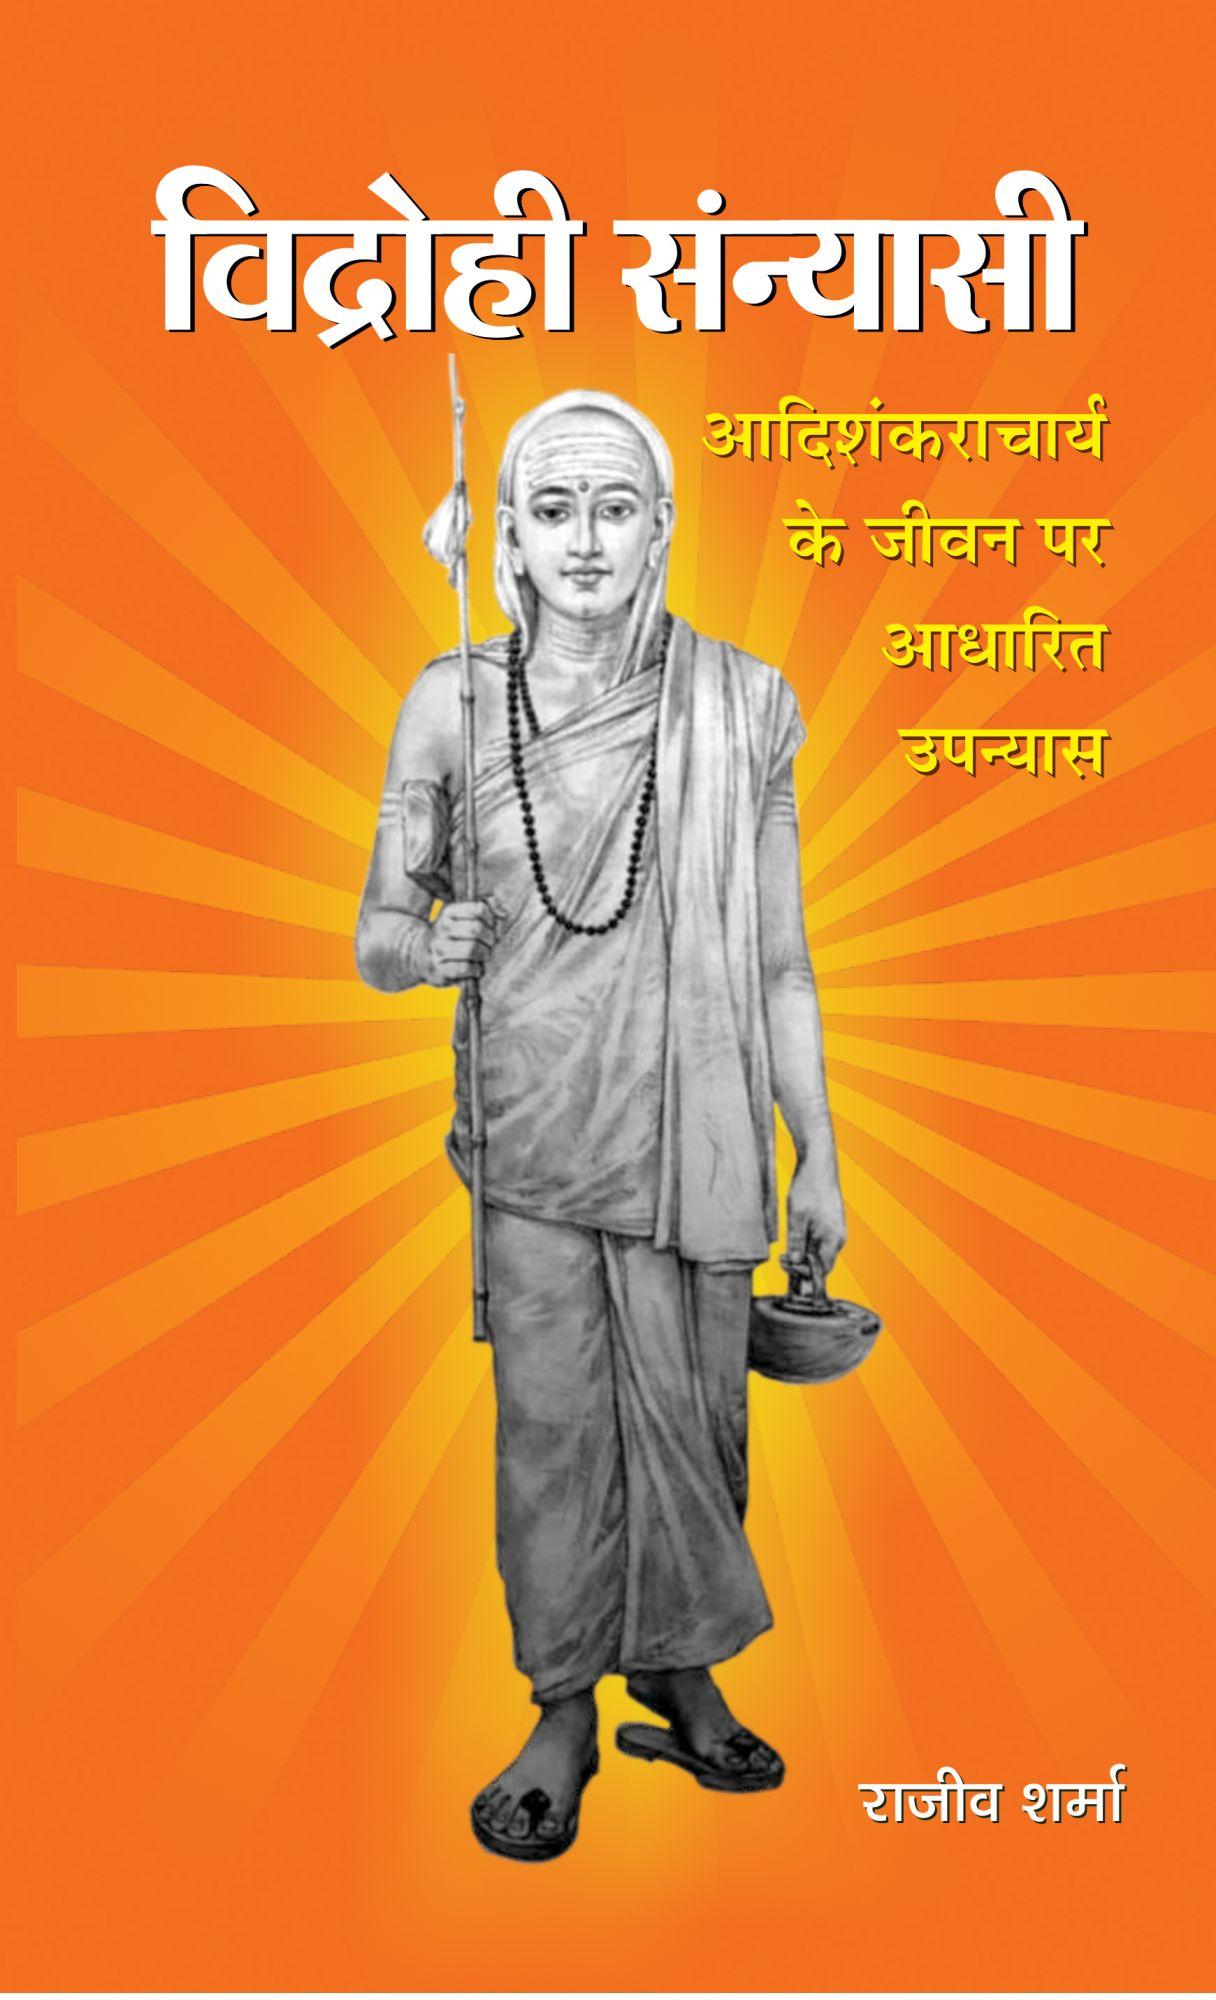 Vidrohi Sannyasi  by Rajeev Sharma